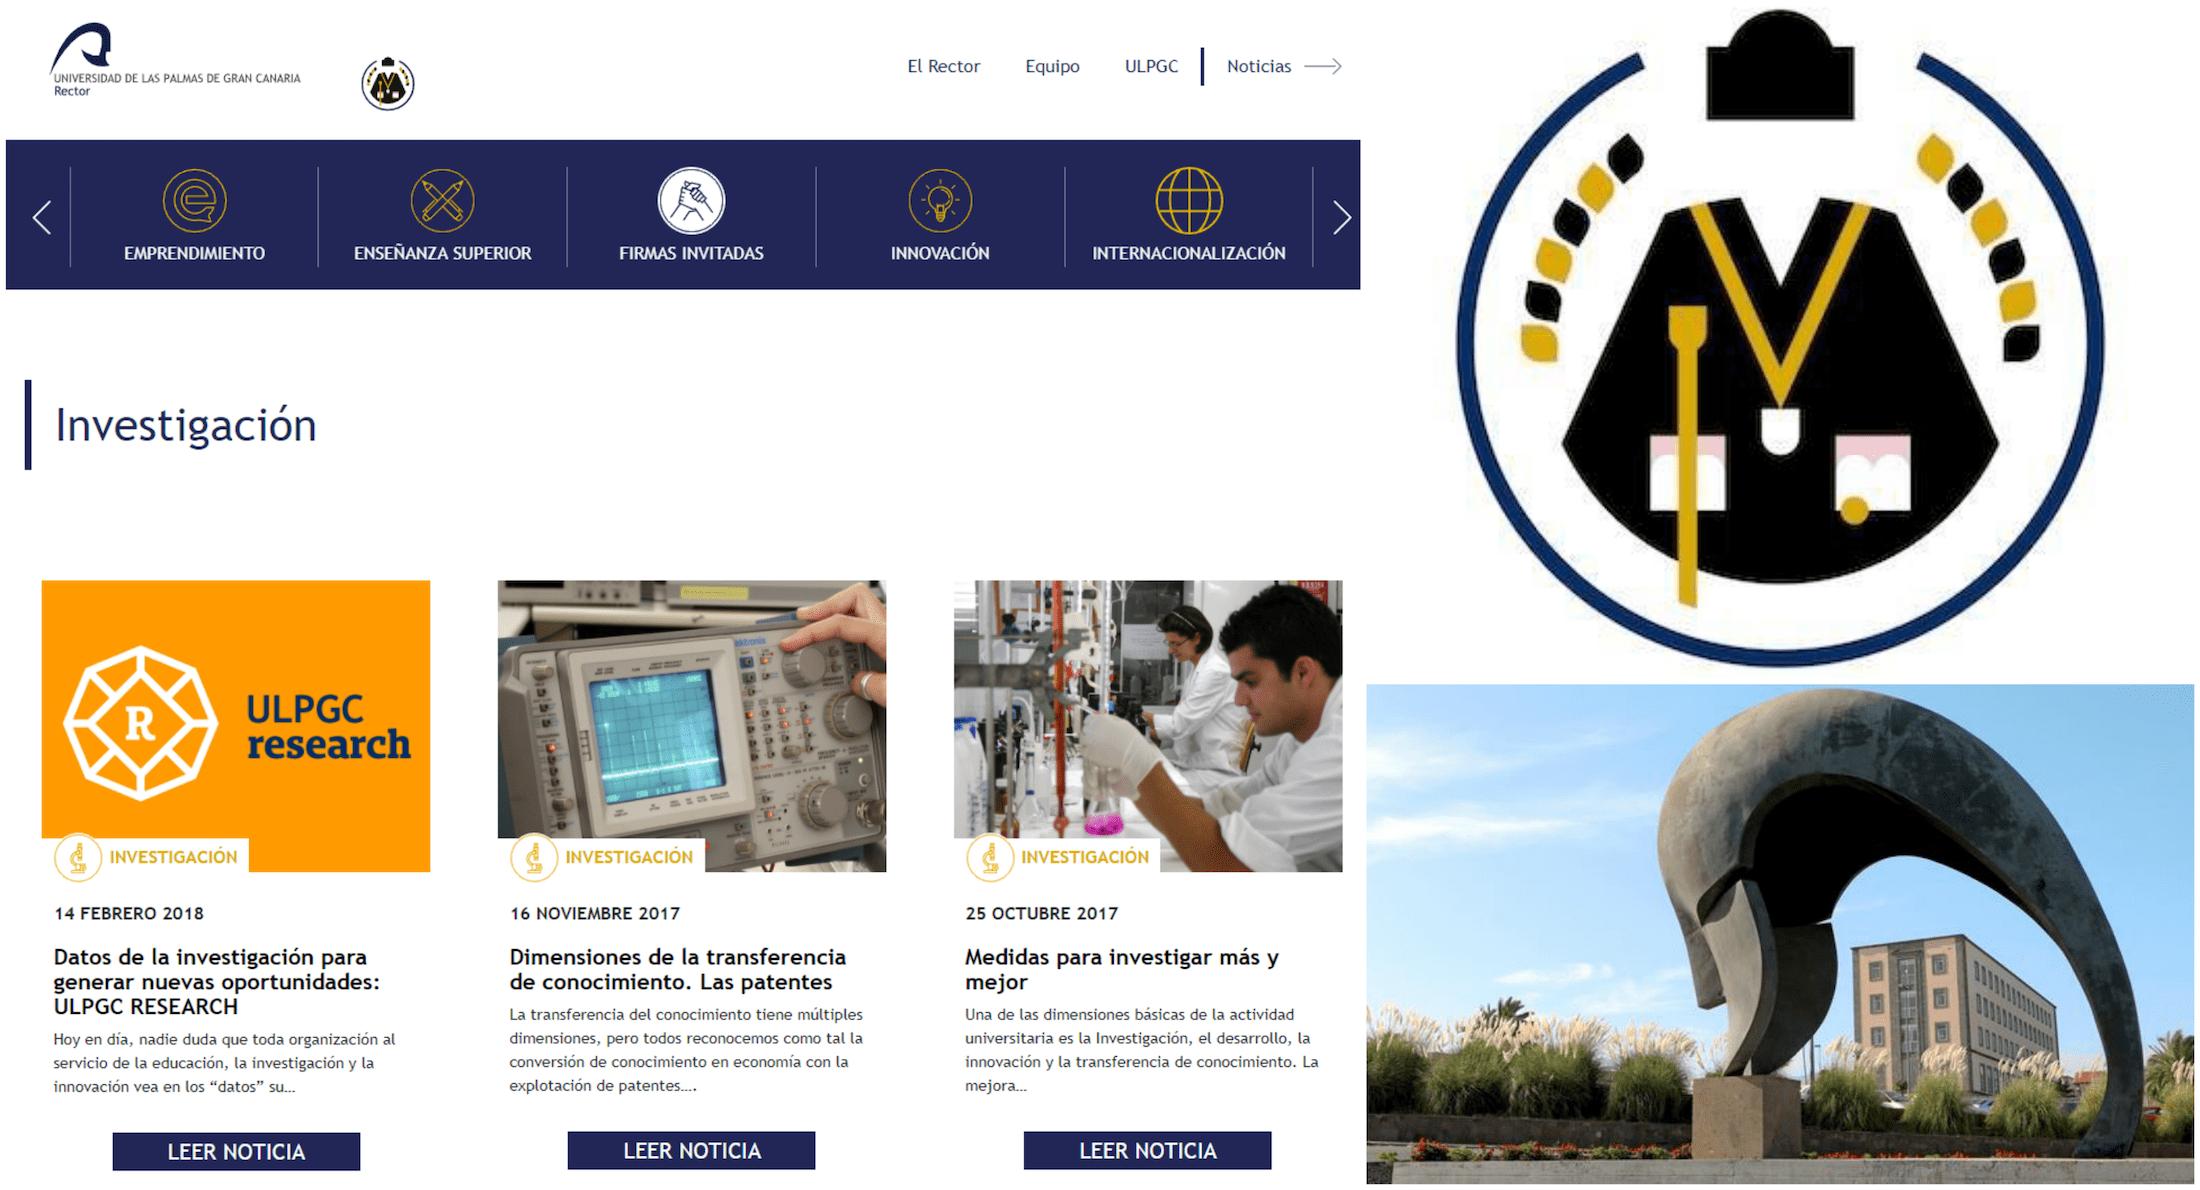 Creamos una marca sólida en torno a la figura del Rector de la ULPGC para fortalecer la imagen de la universidad